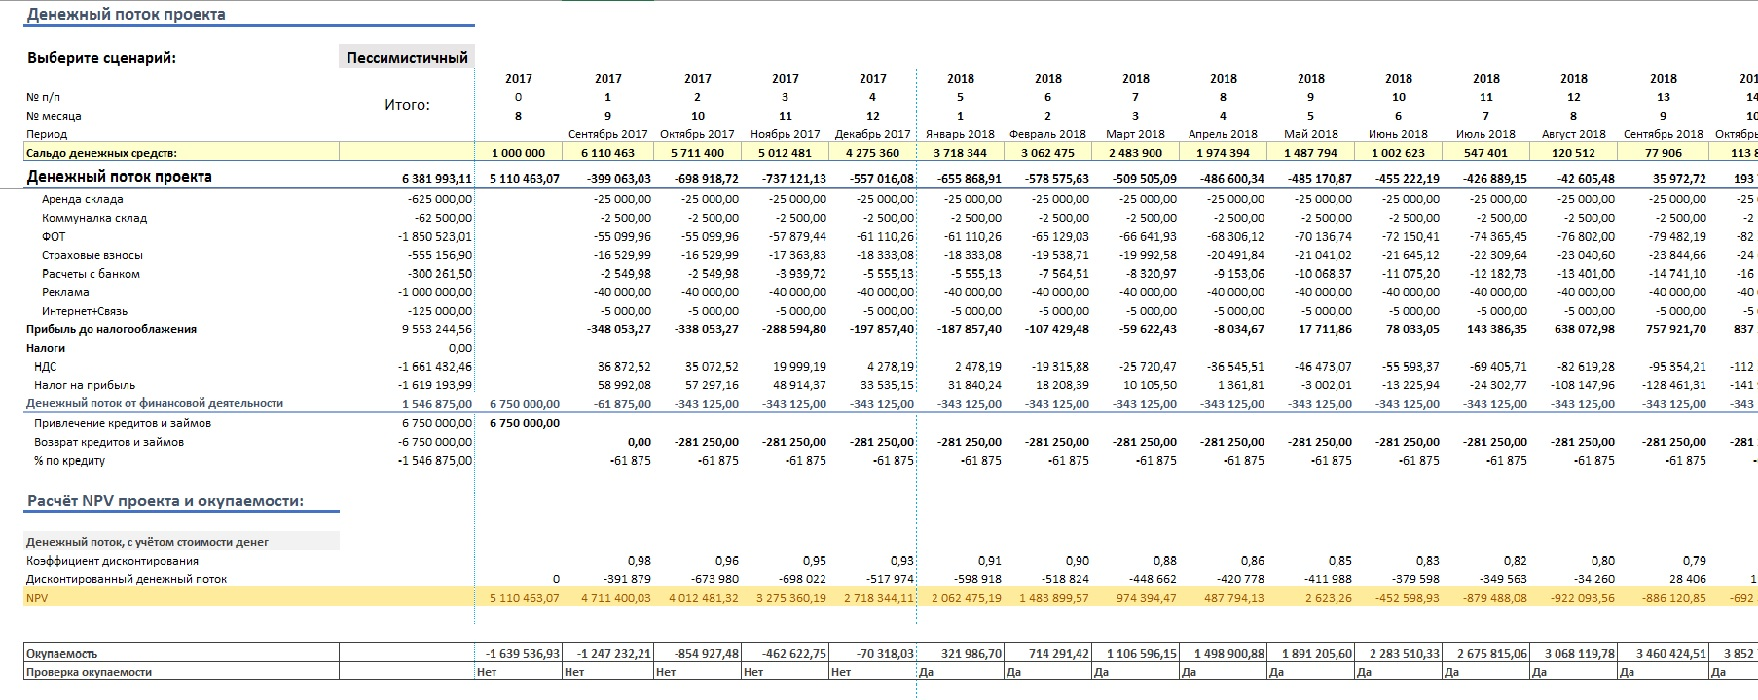 Денежный поток: формула, виды, как рассчитать cash flow